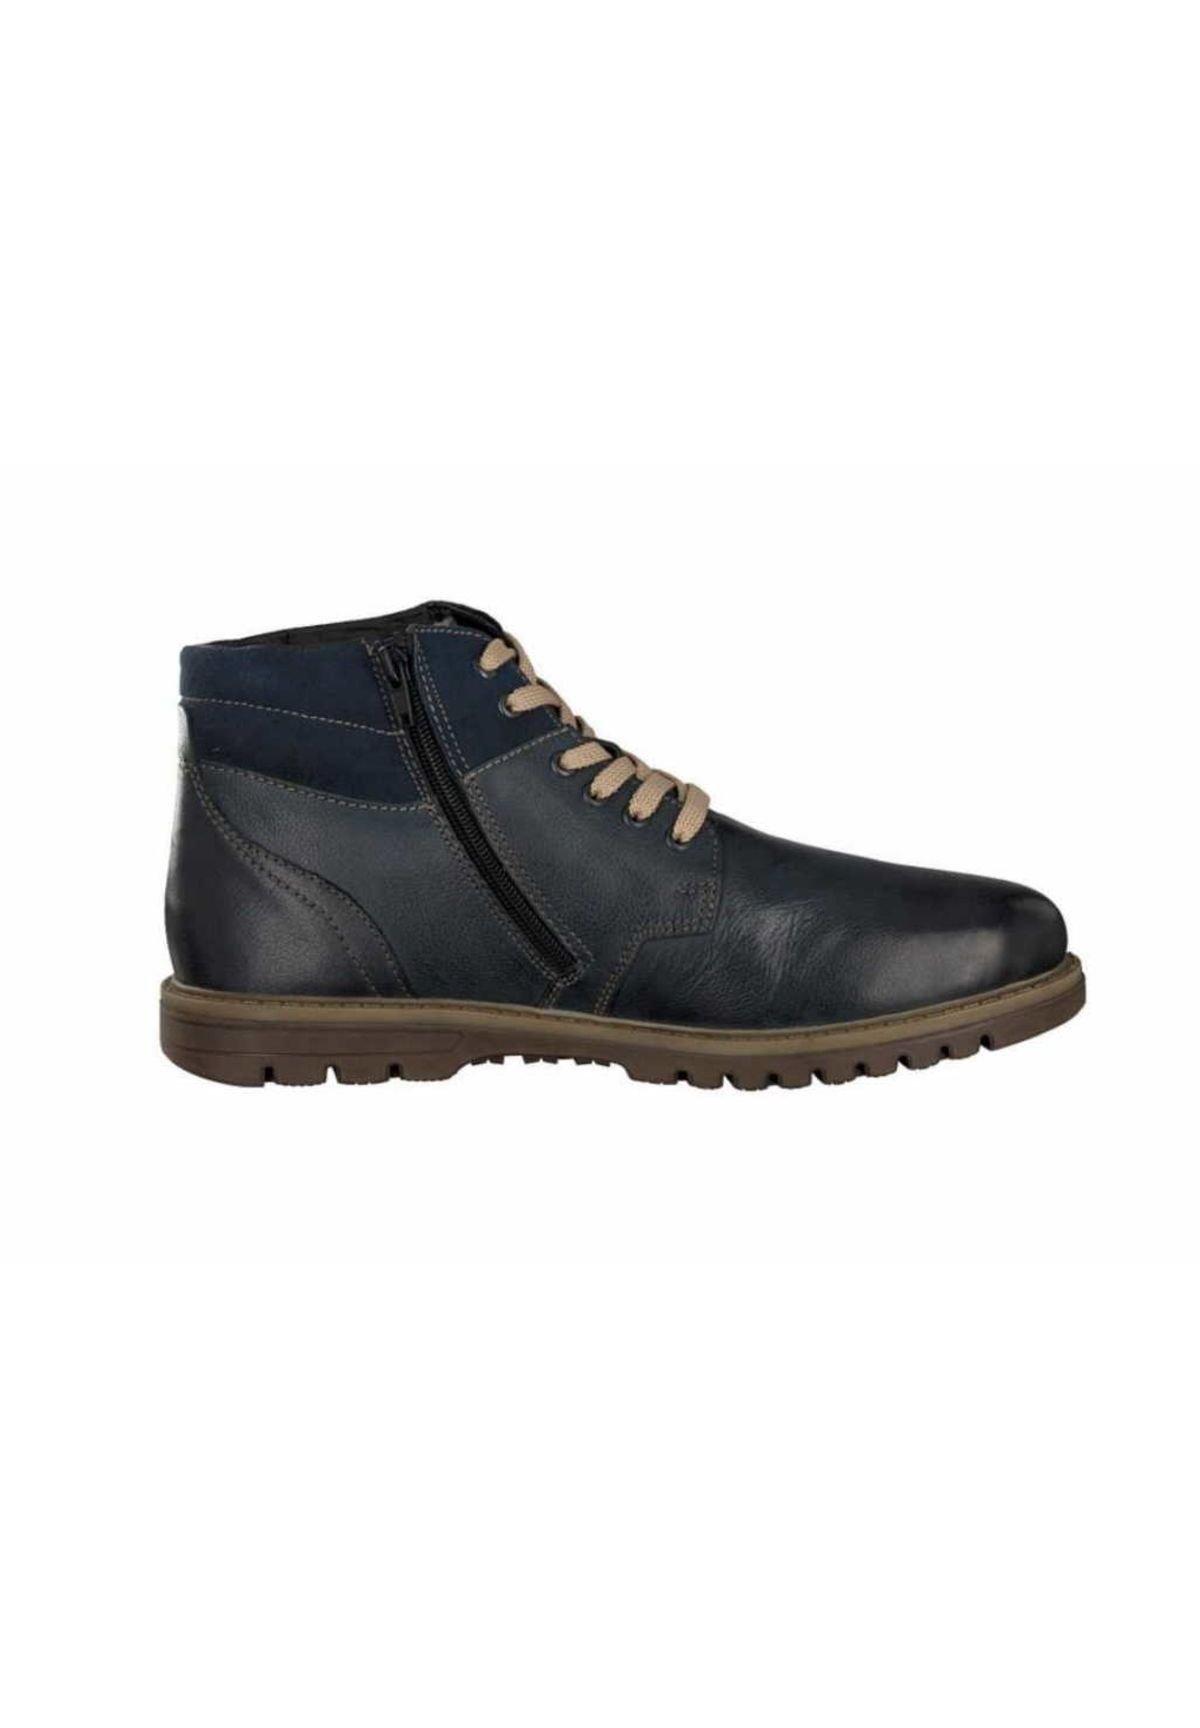 Sammlungen Schuhe für Damen FSOGFJY299Skuk Rieker Schnürstiefelette whitepazifikmarinecayenne